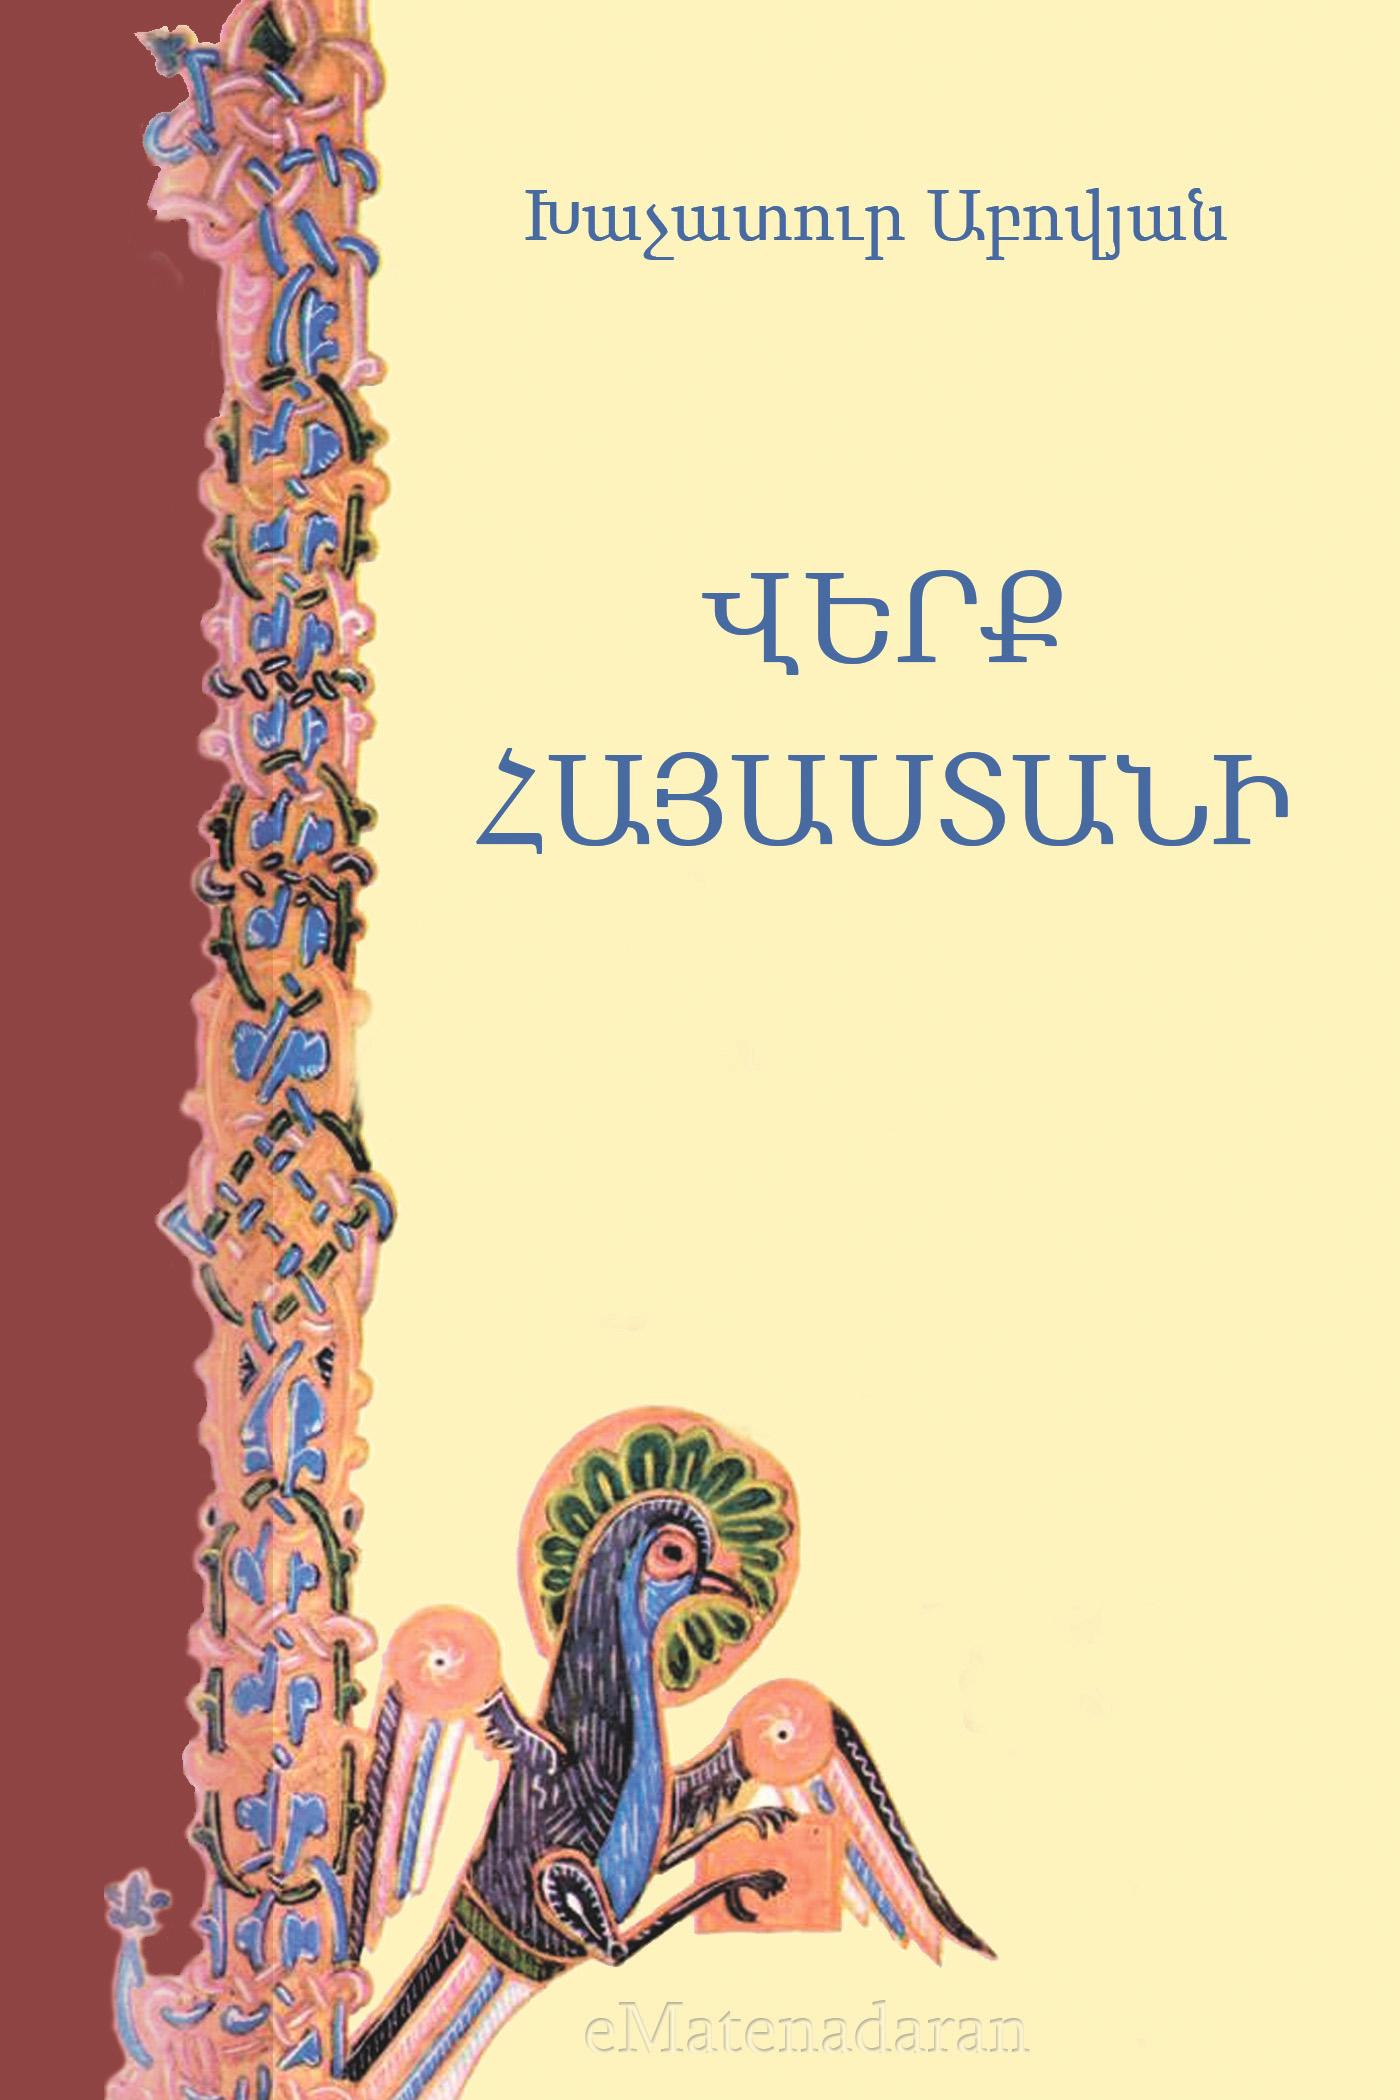 Խաչատուր Աբովյան Վերք Հայաստանի խաչատուր աբովյան վերք հայաստանի